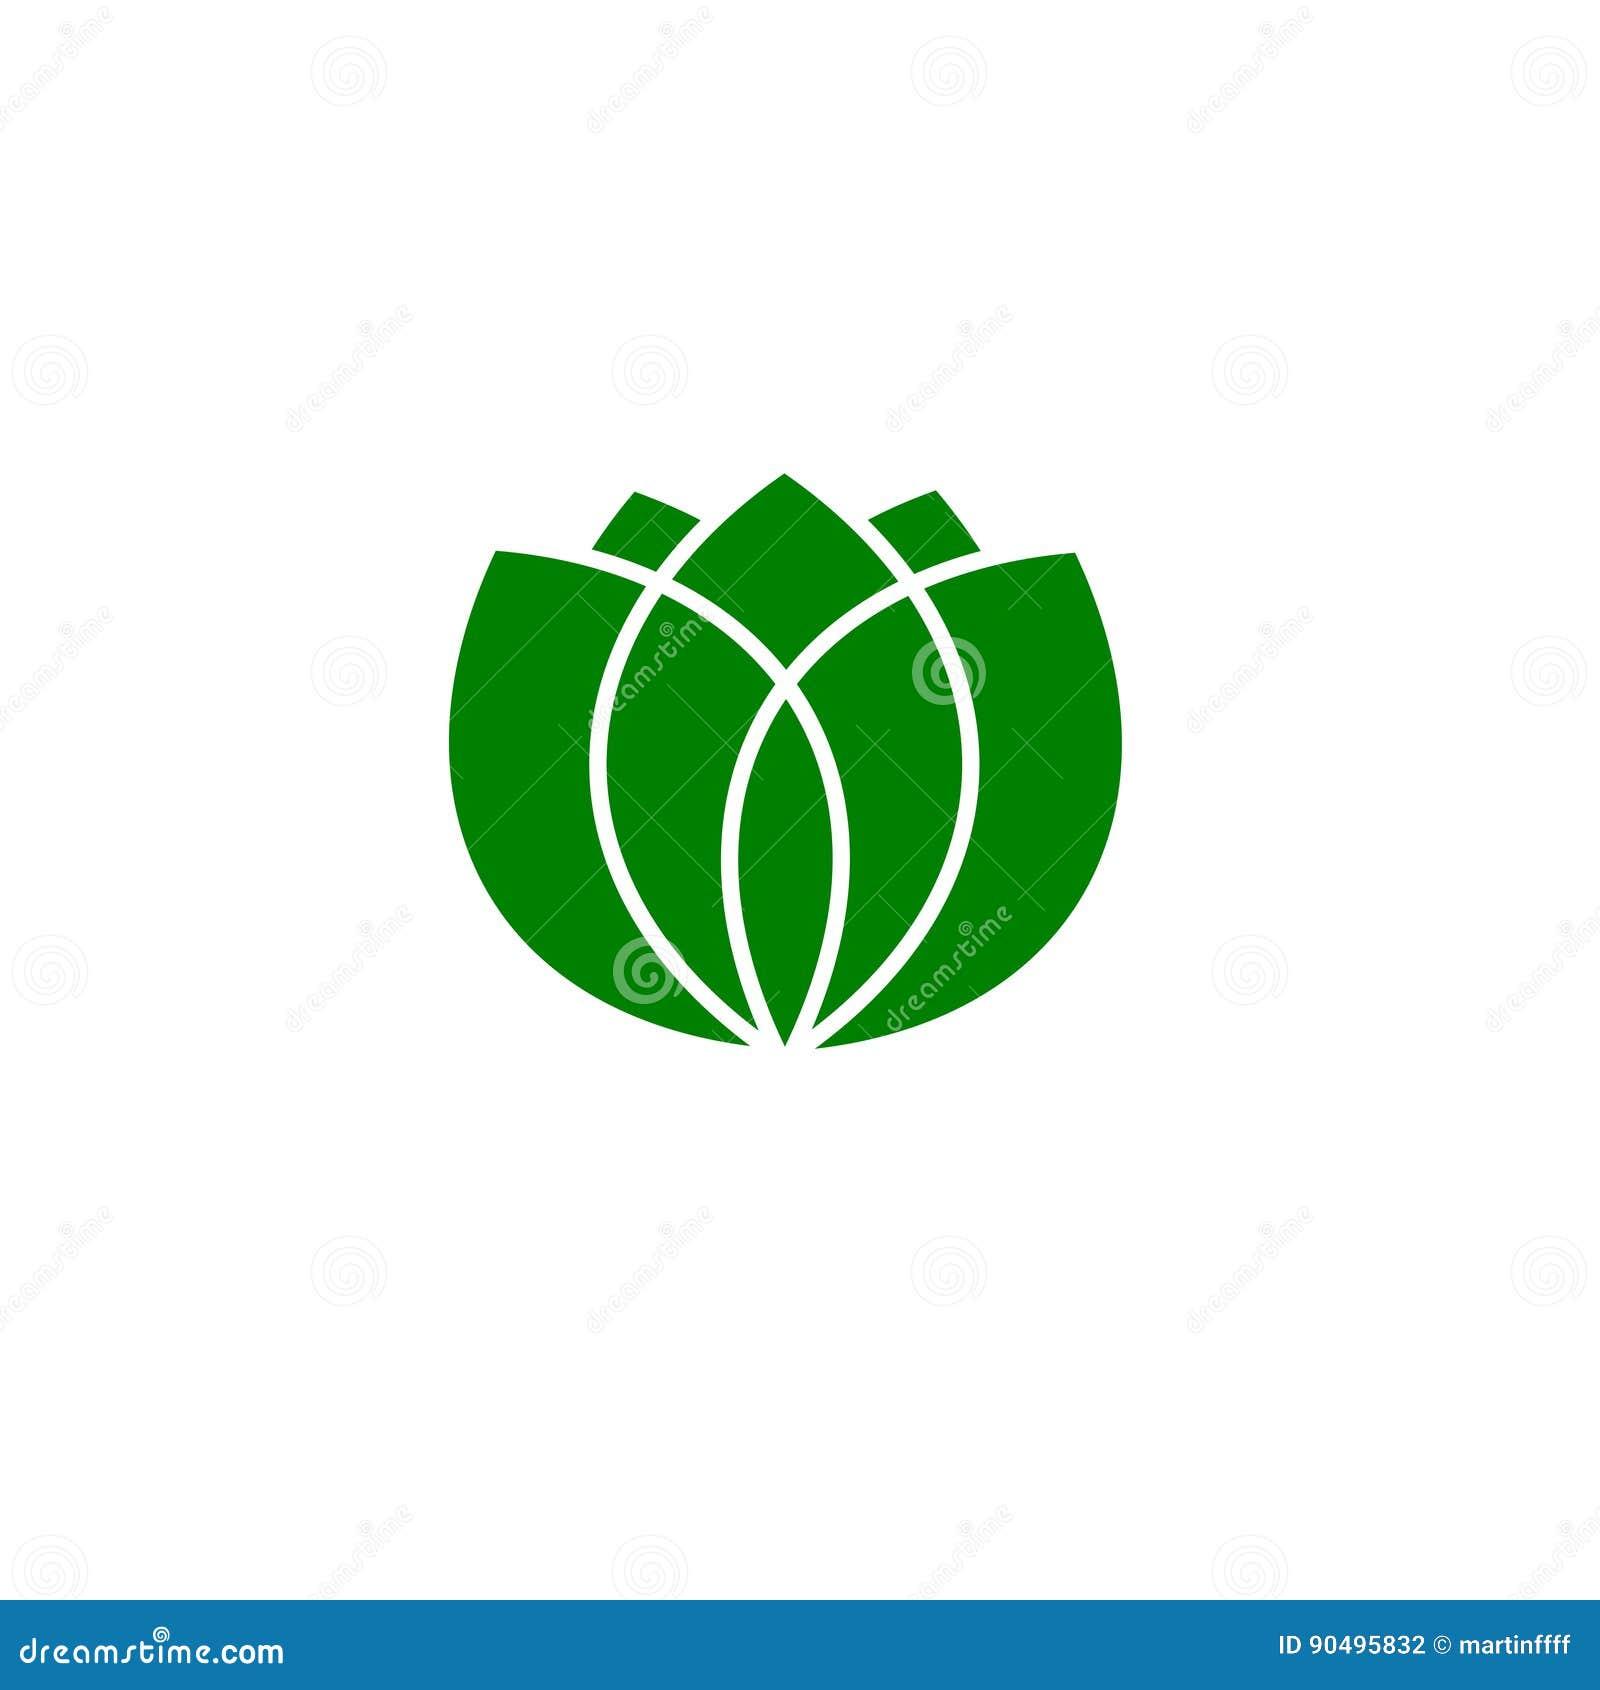 Green leaves logo, vector